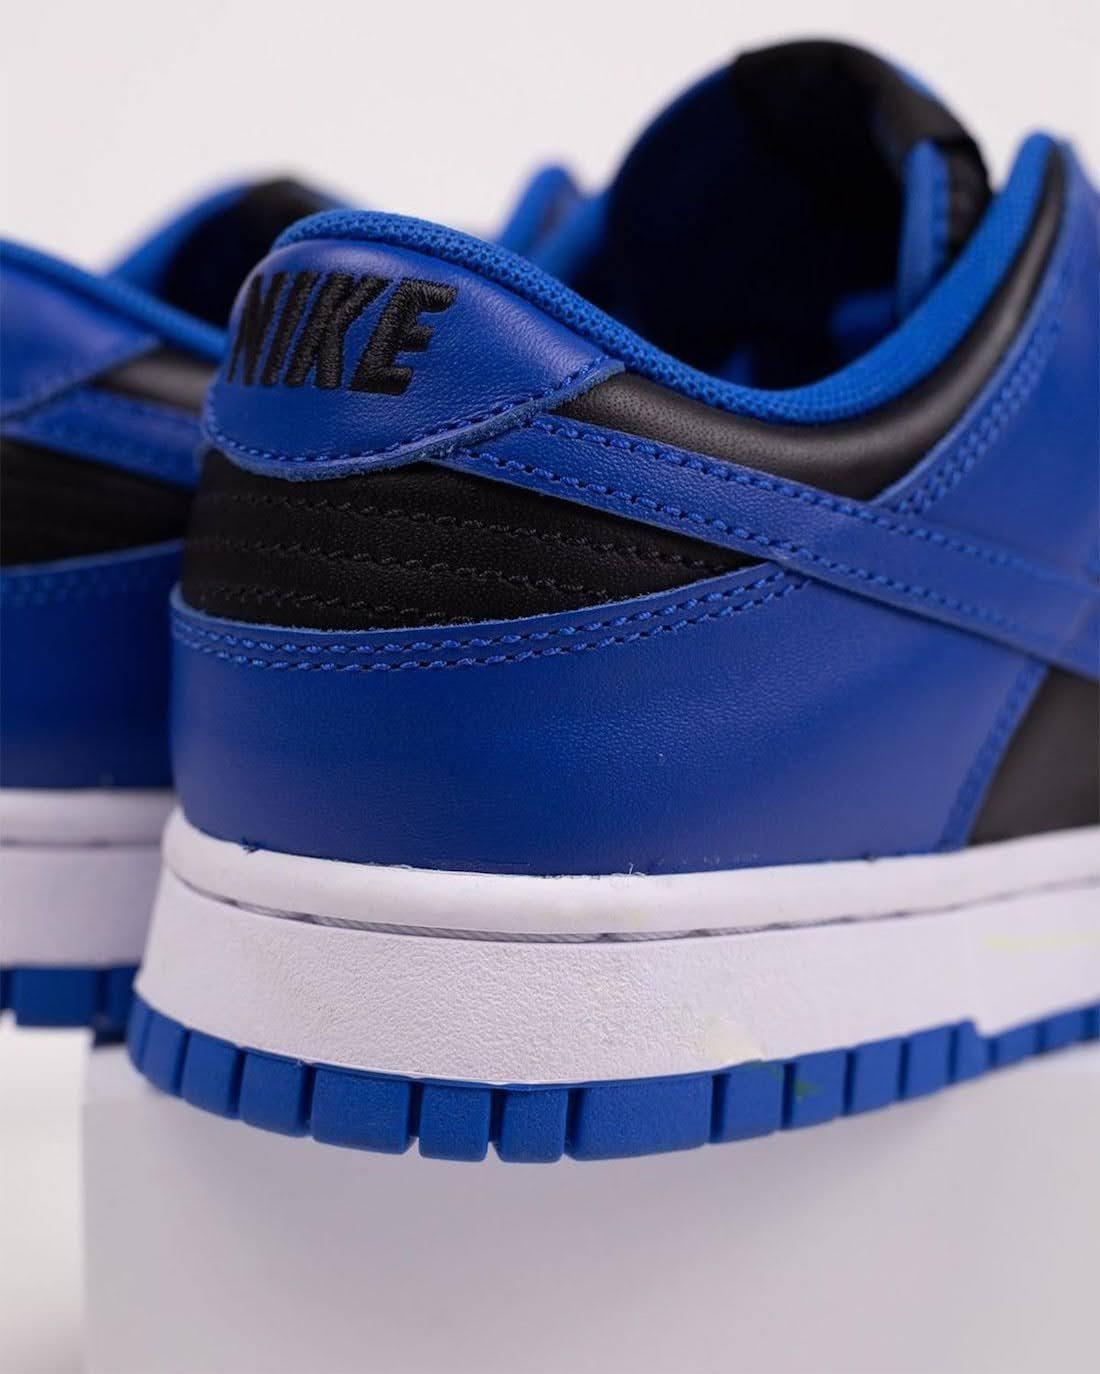 """ナイキ ダンク ロー """"ハイパー コバルト"""" Nike-Dunk-Low-Hyper-Cobalt-DD1391-001-heel2"""